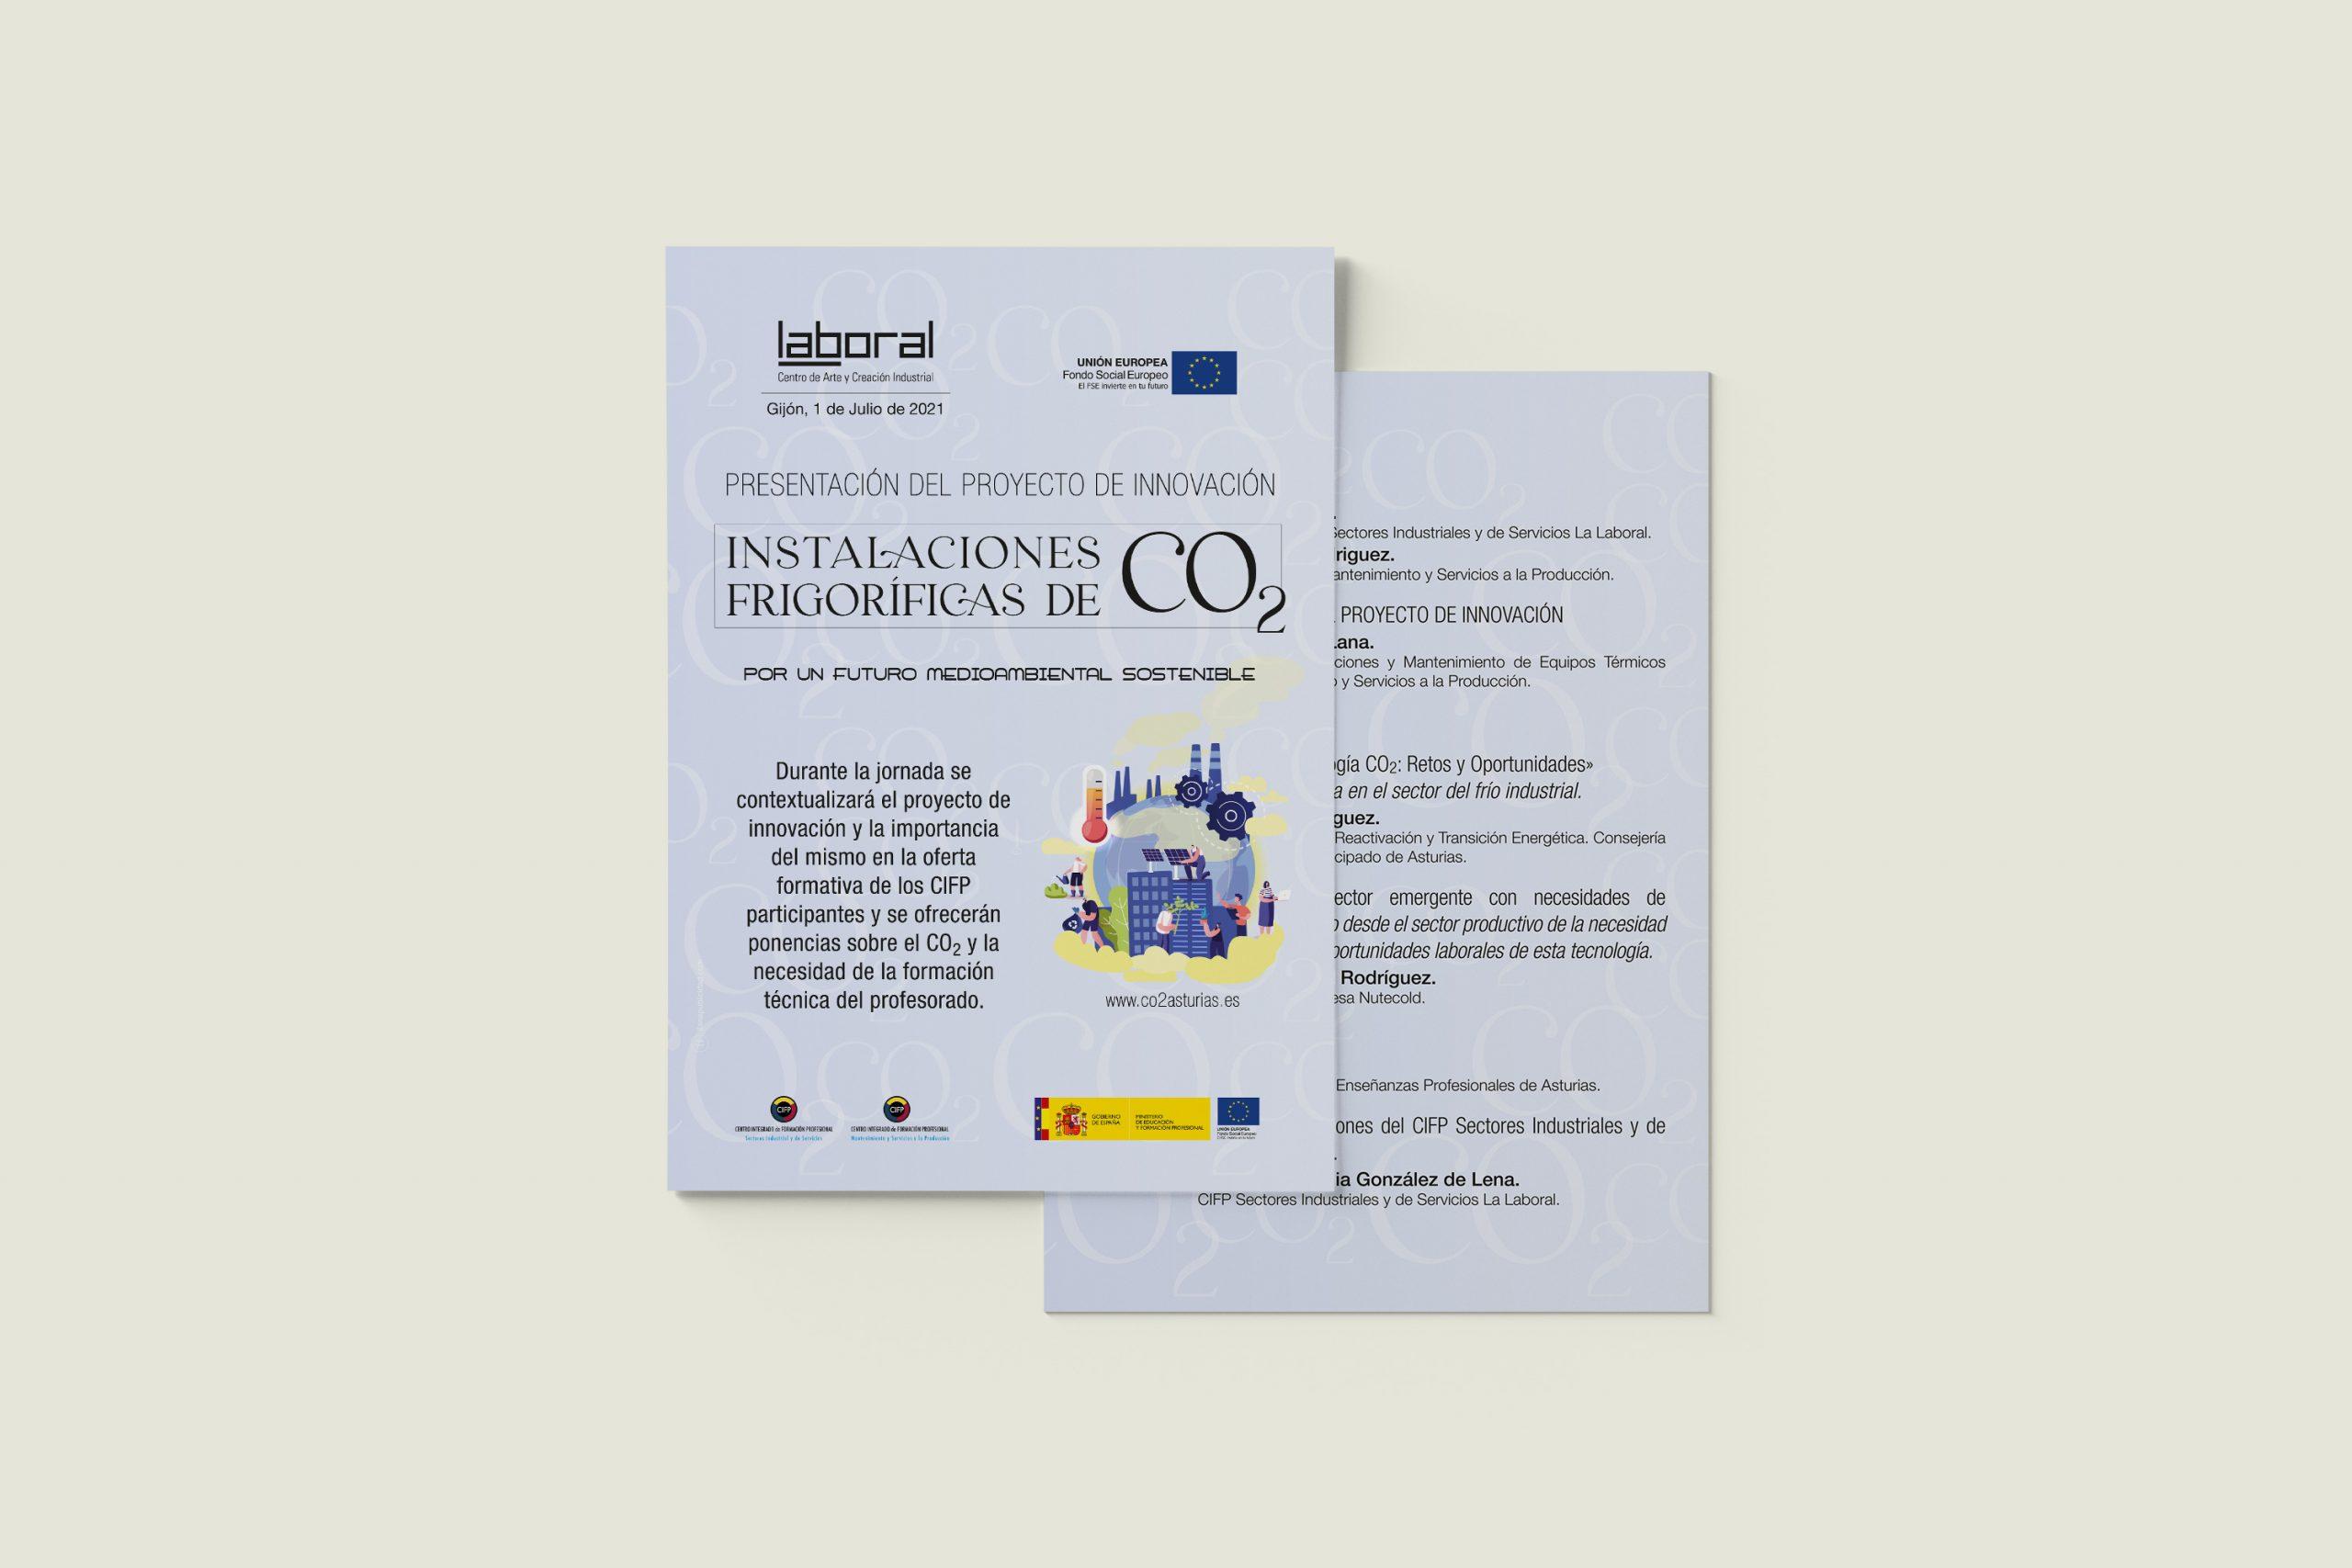 INSTALACIONES FRIGORIFICAS CO2